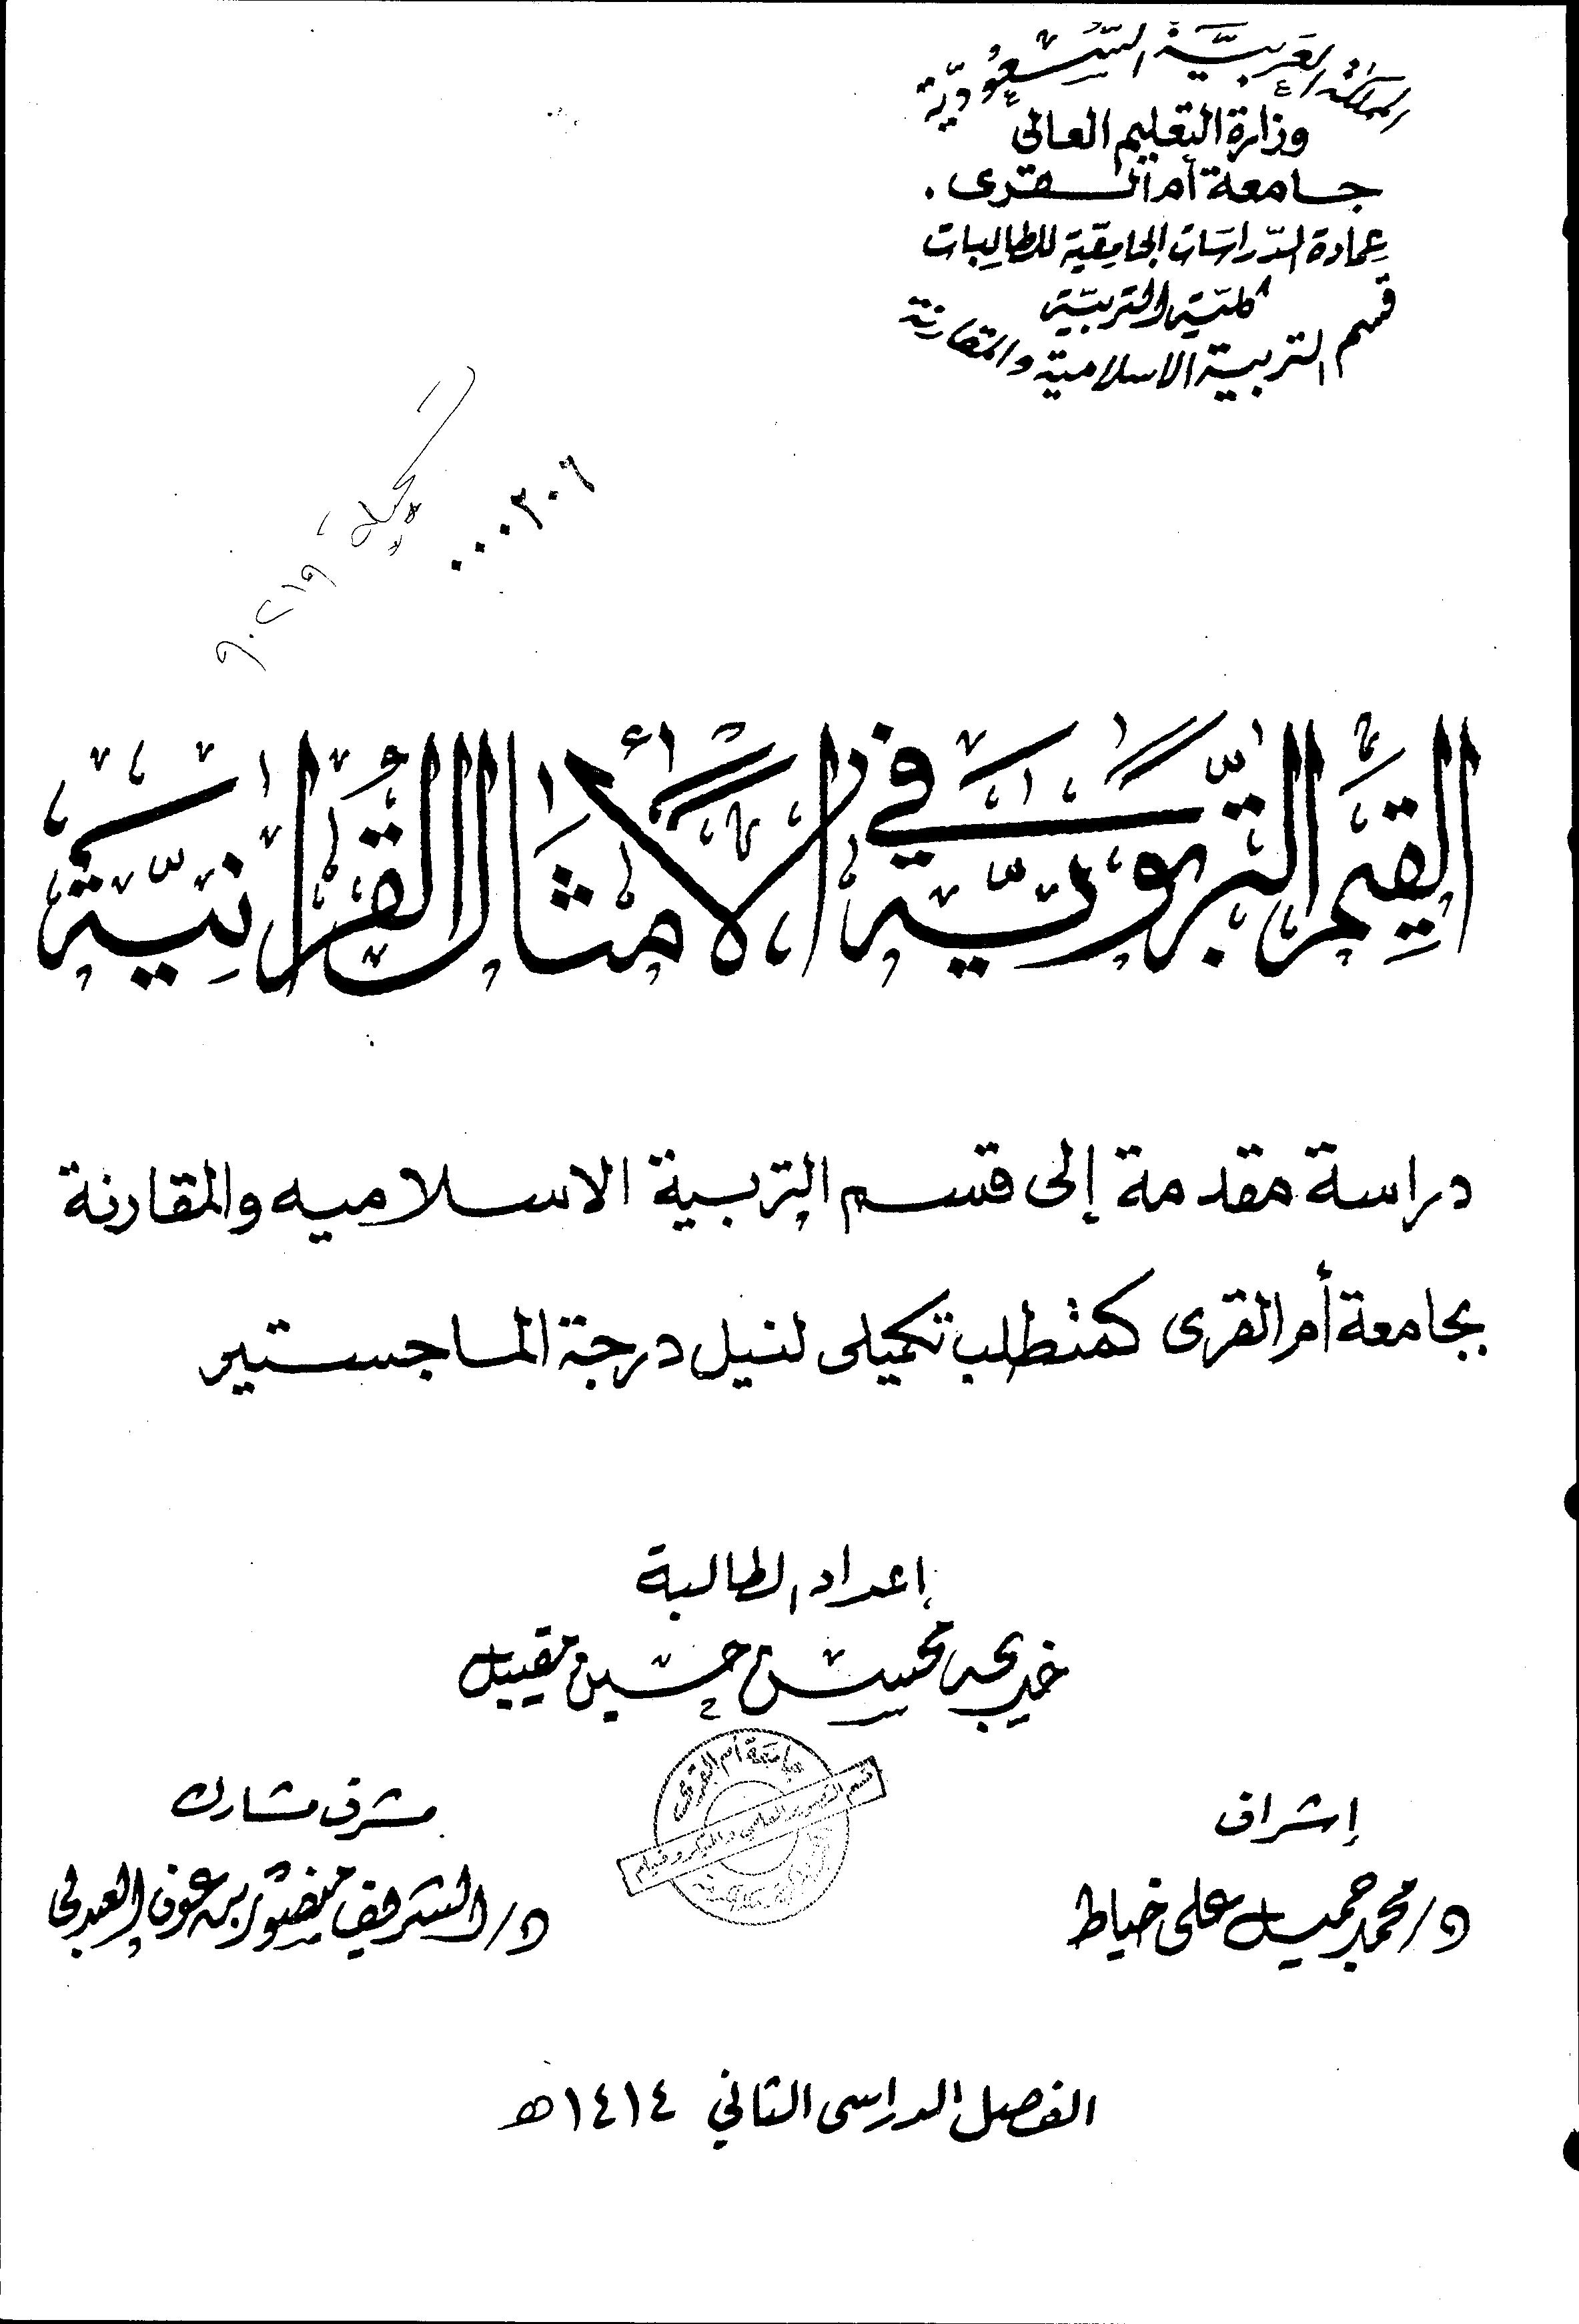 تحميل كتاب القيم التربوية في الأمثال القرآنية لـِ: خديجة محسن حسين مقيبل